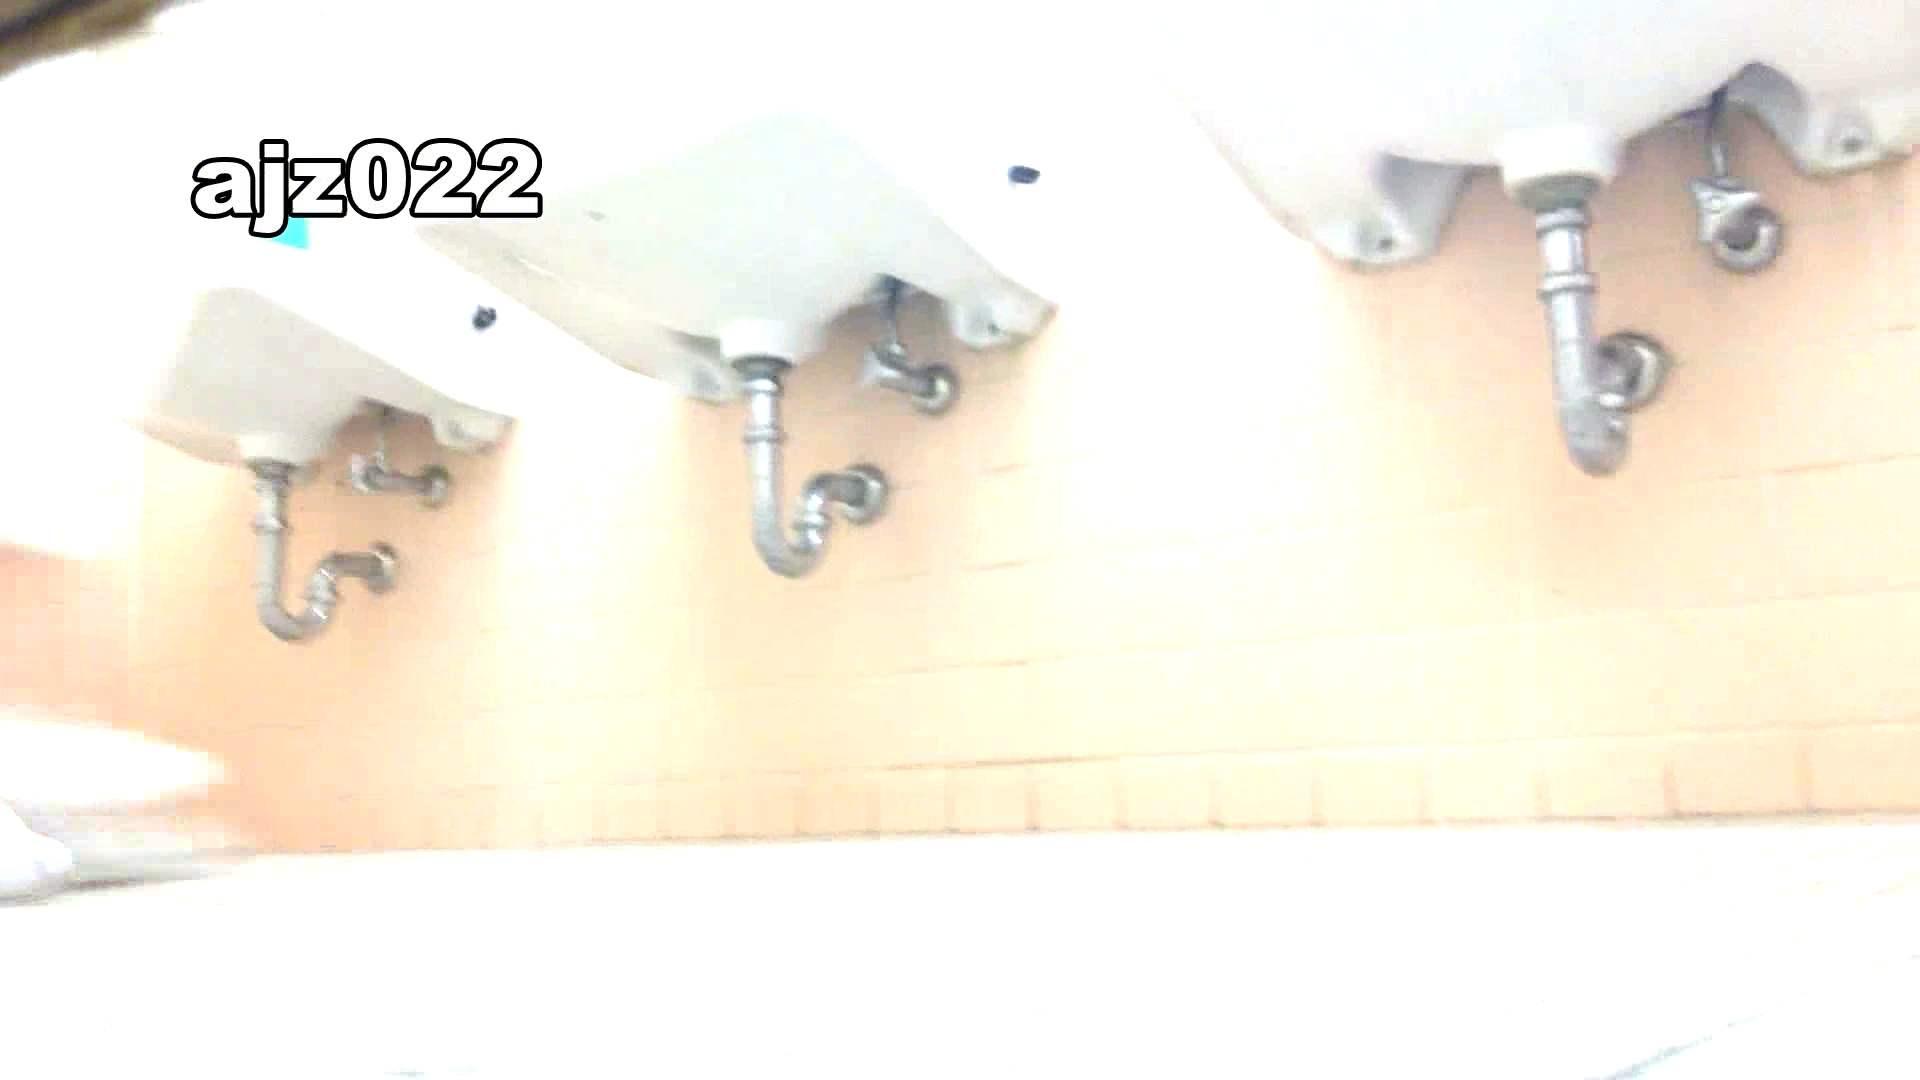 某有名大学女性洗面所 vol.22 潜入 盗撮画像 94連発 52